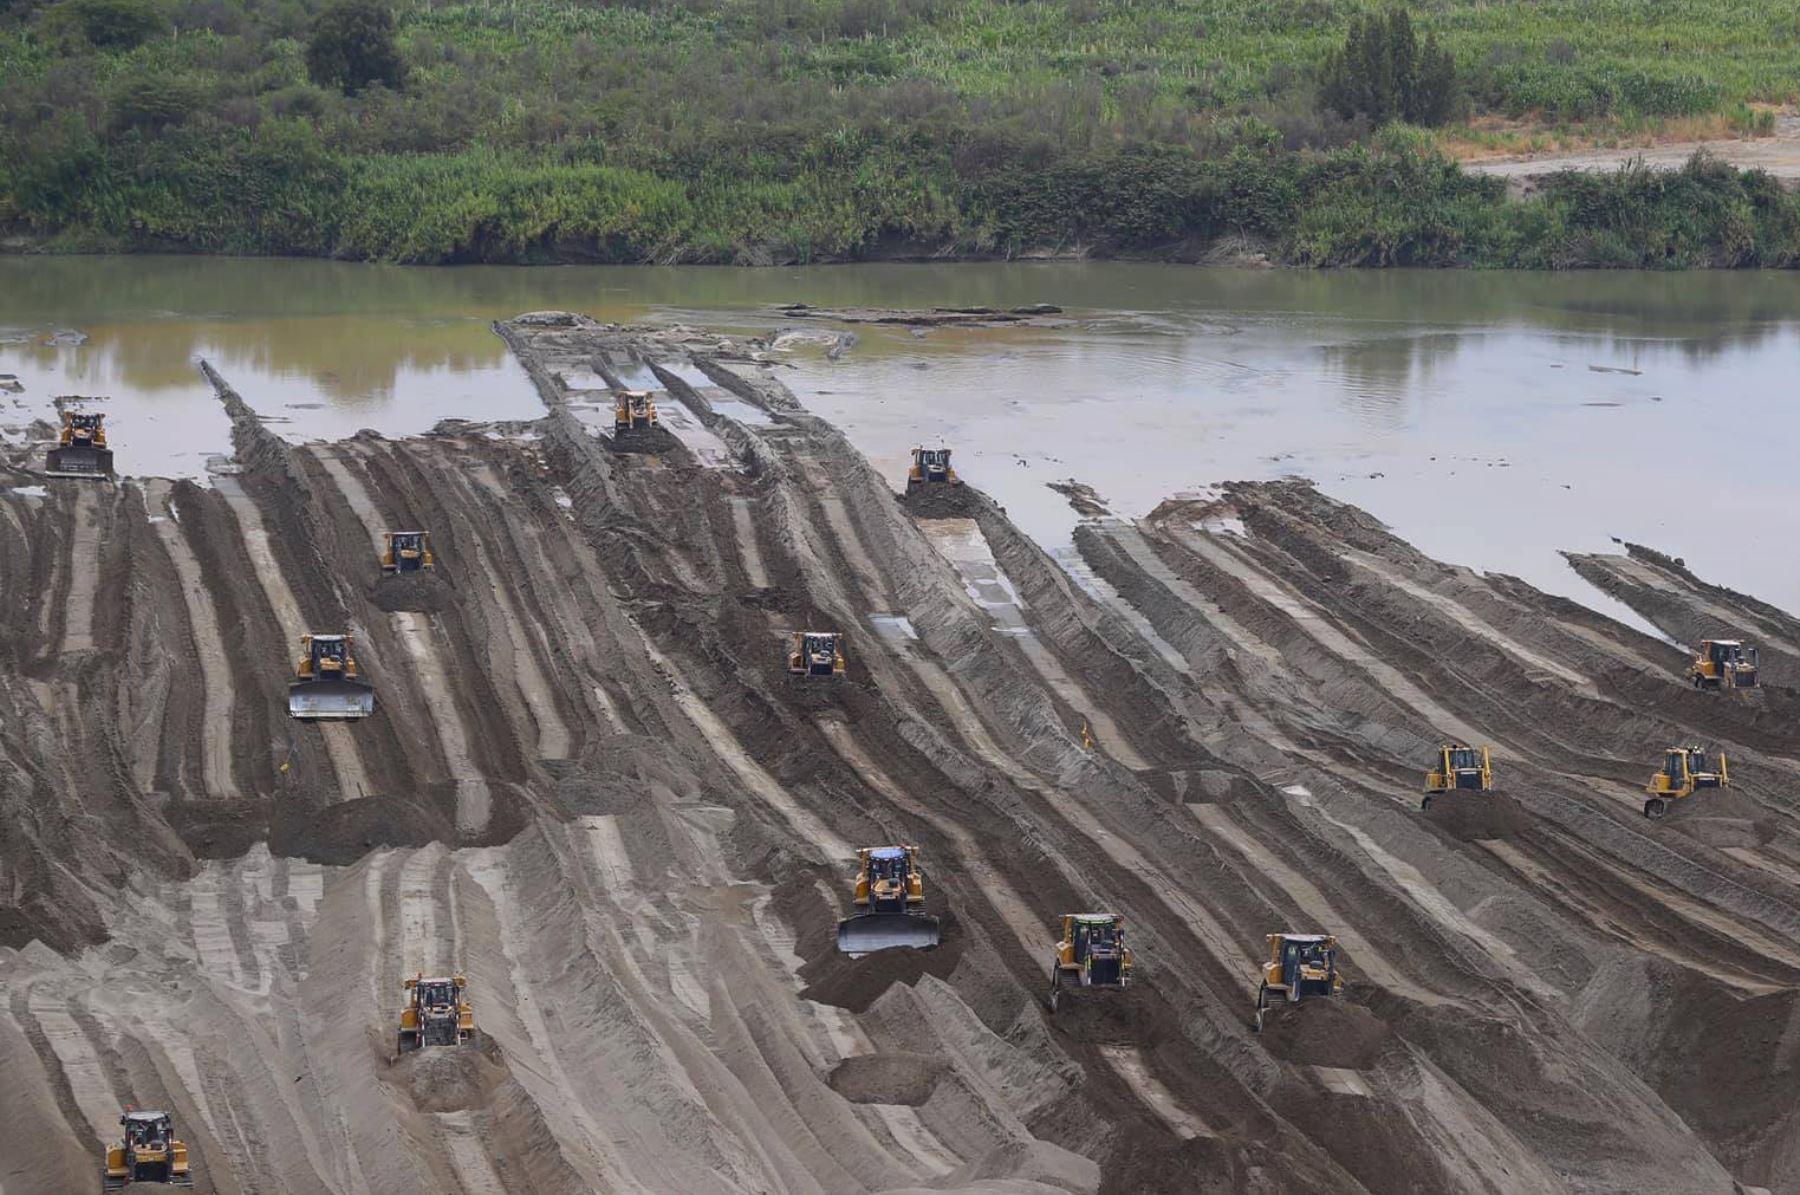 Obras de limpieza de ríos en Piura generan 6000 empleos — Kuczynski